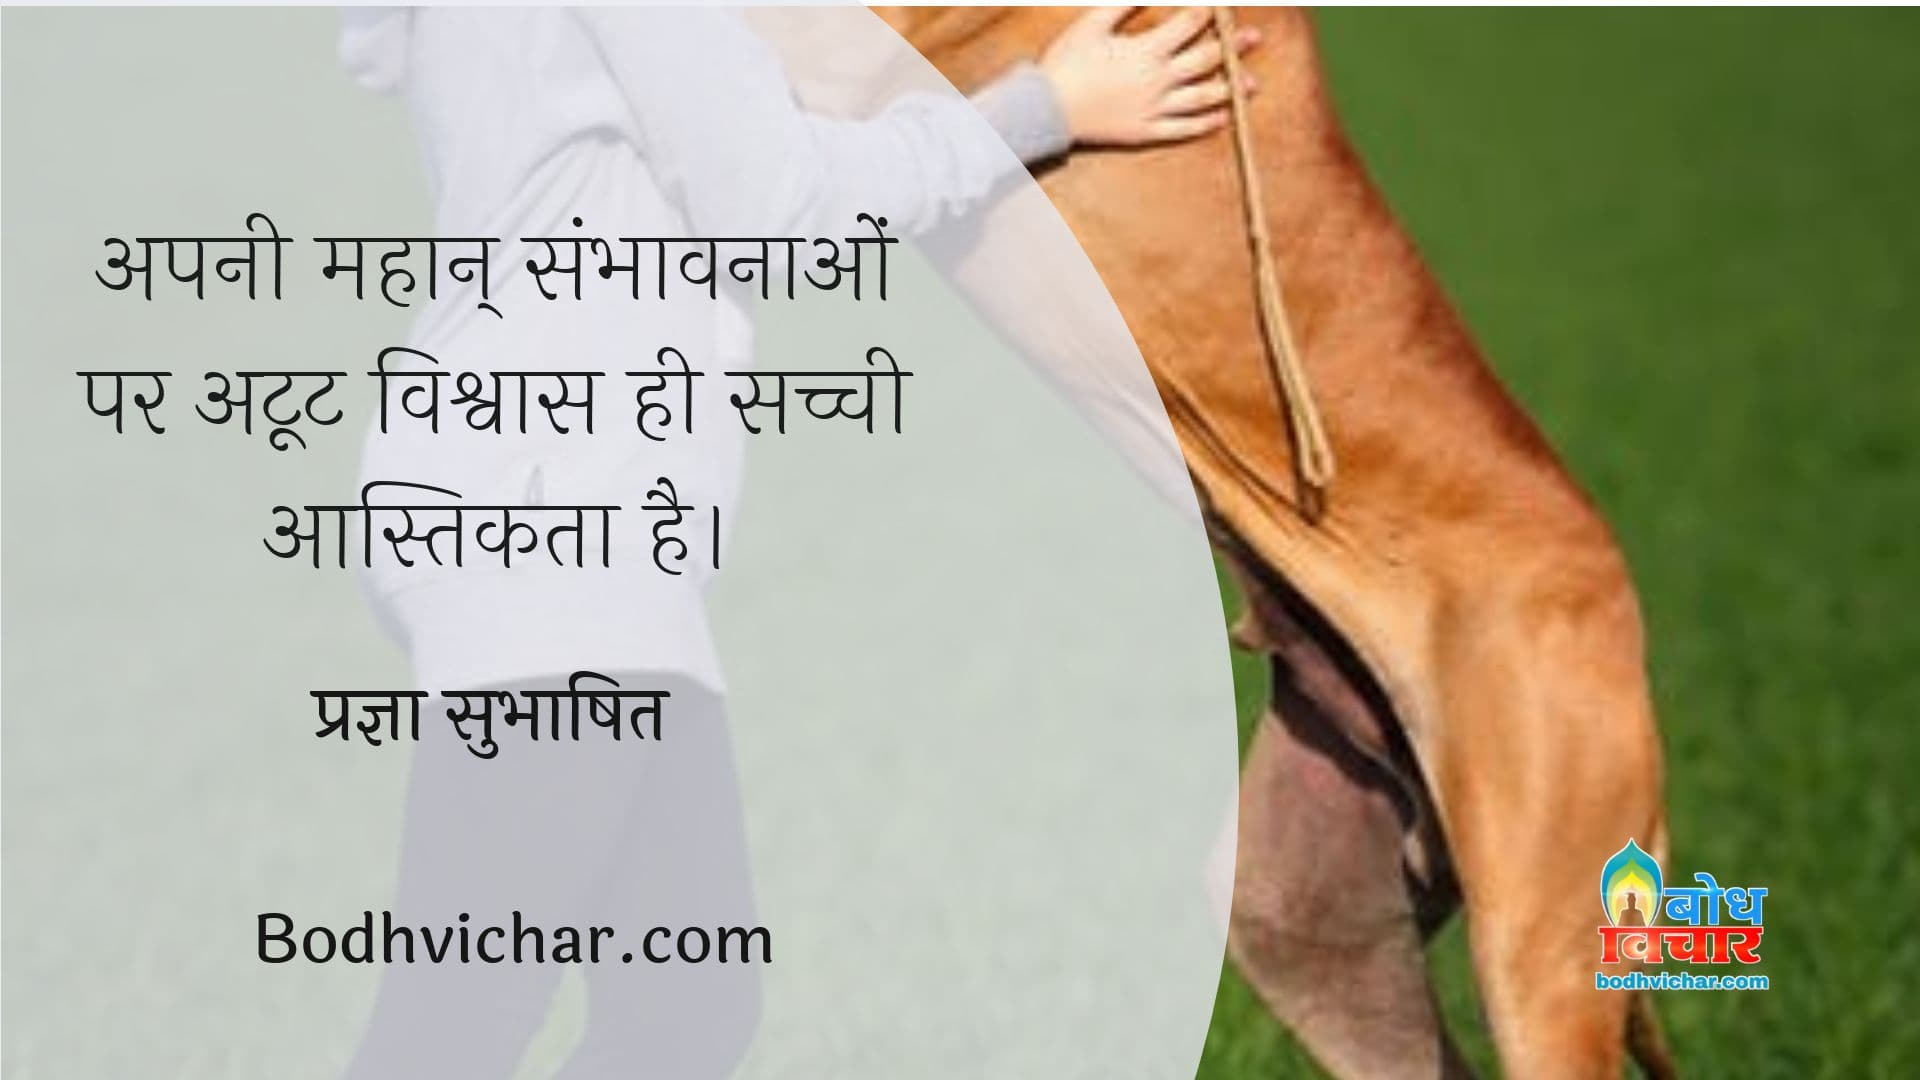 अपनी महान् संभावनाओं पर अटूट विश्वास ही सच्ची आस्तिकता है। : Apni mahan sambhavnao par atoot vishvas hi sachchi aastikta hai. - प्रज्ञा सुभाषित